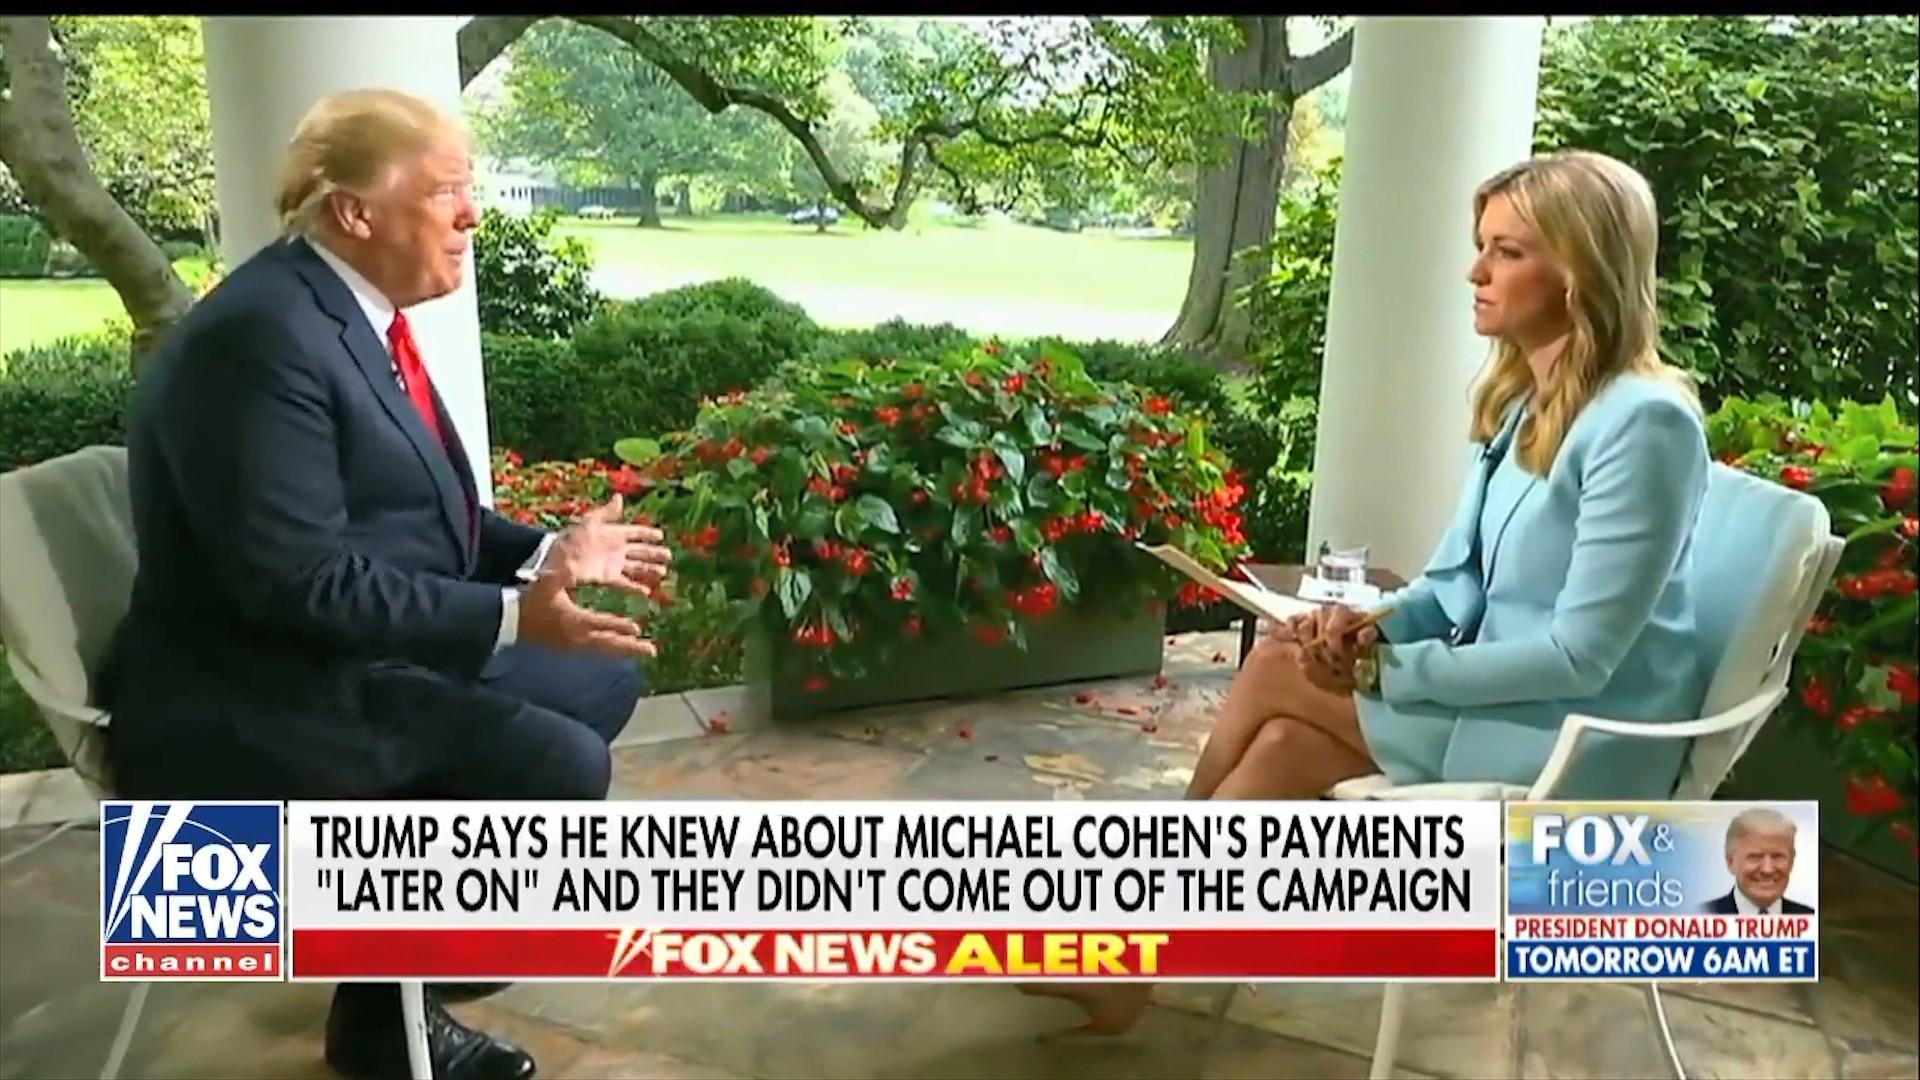 Trump për Fox News: Paratë që dha ish-avokati Cohen i kam paguar unë